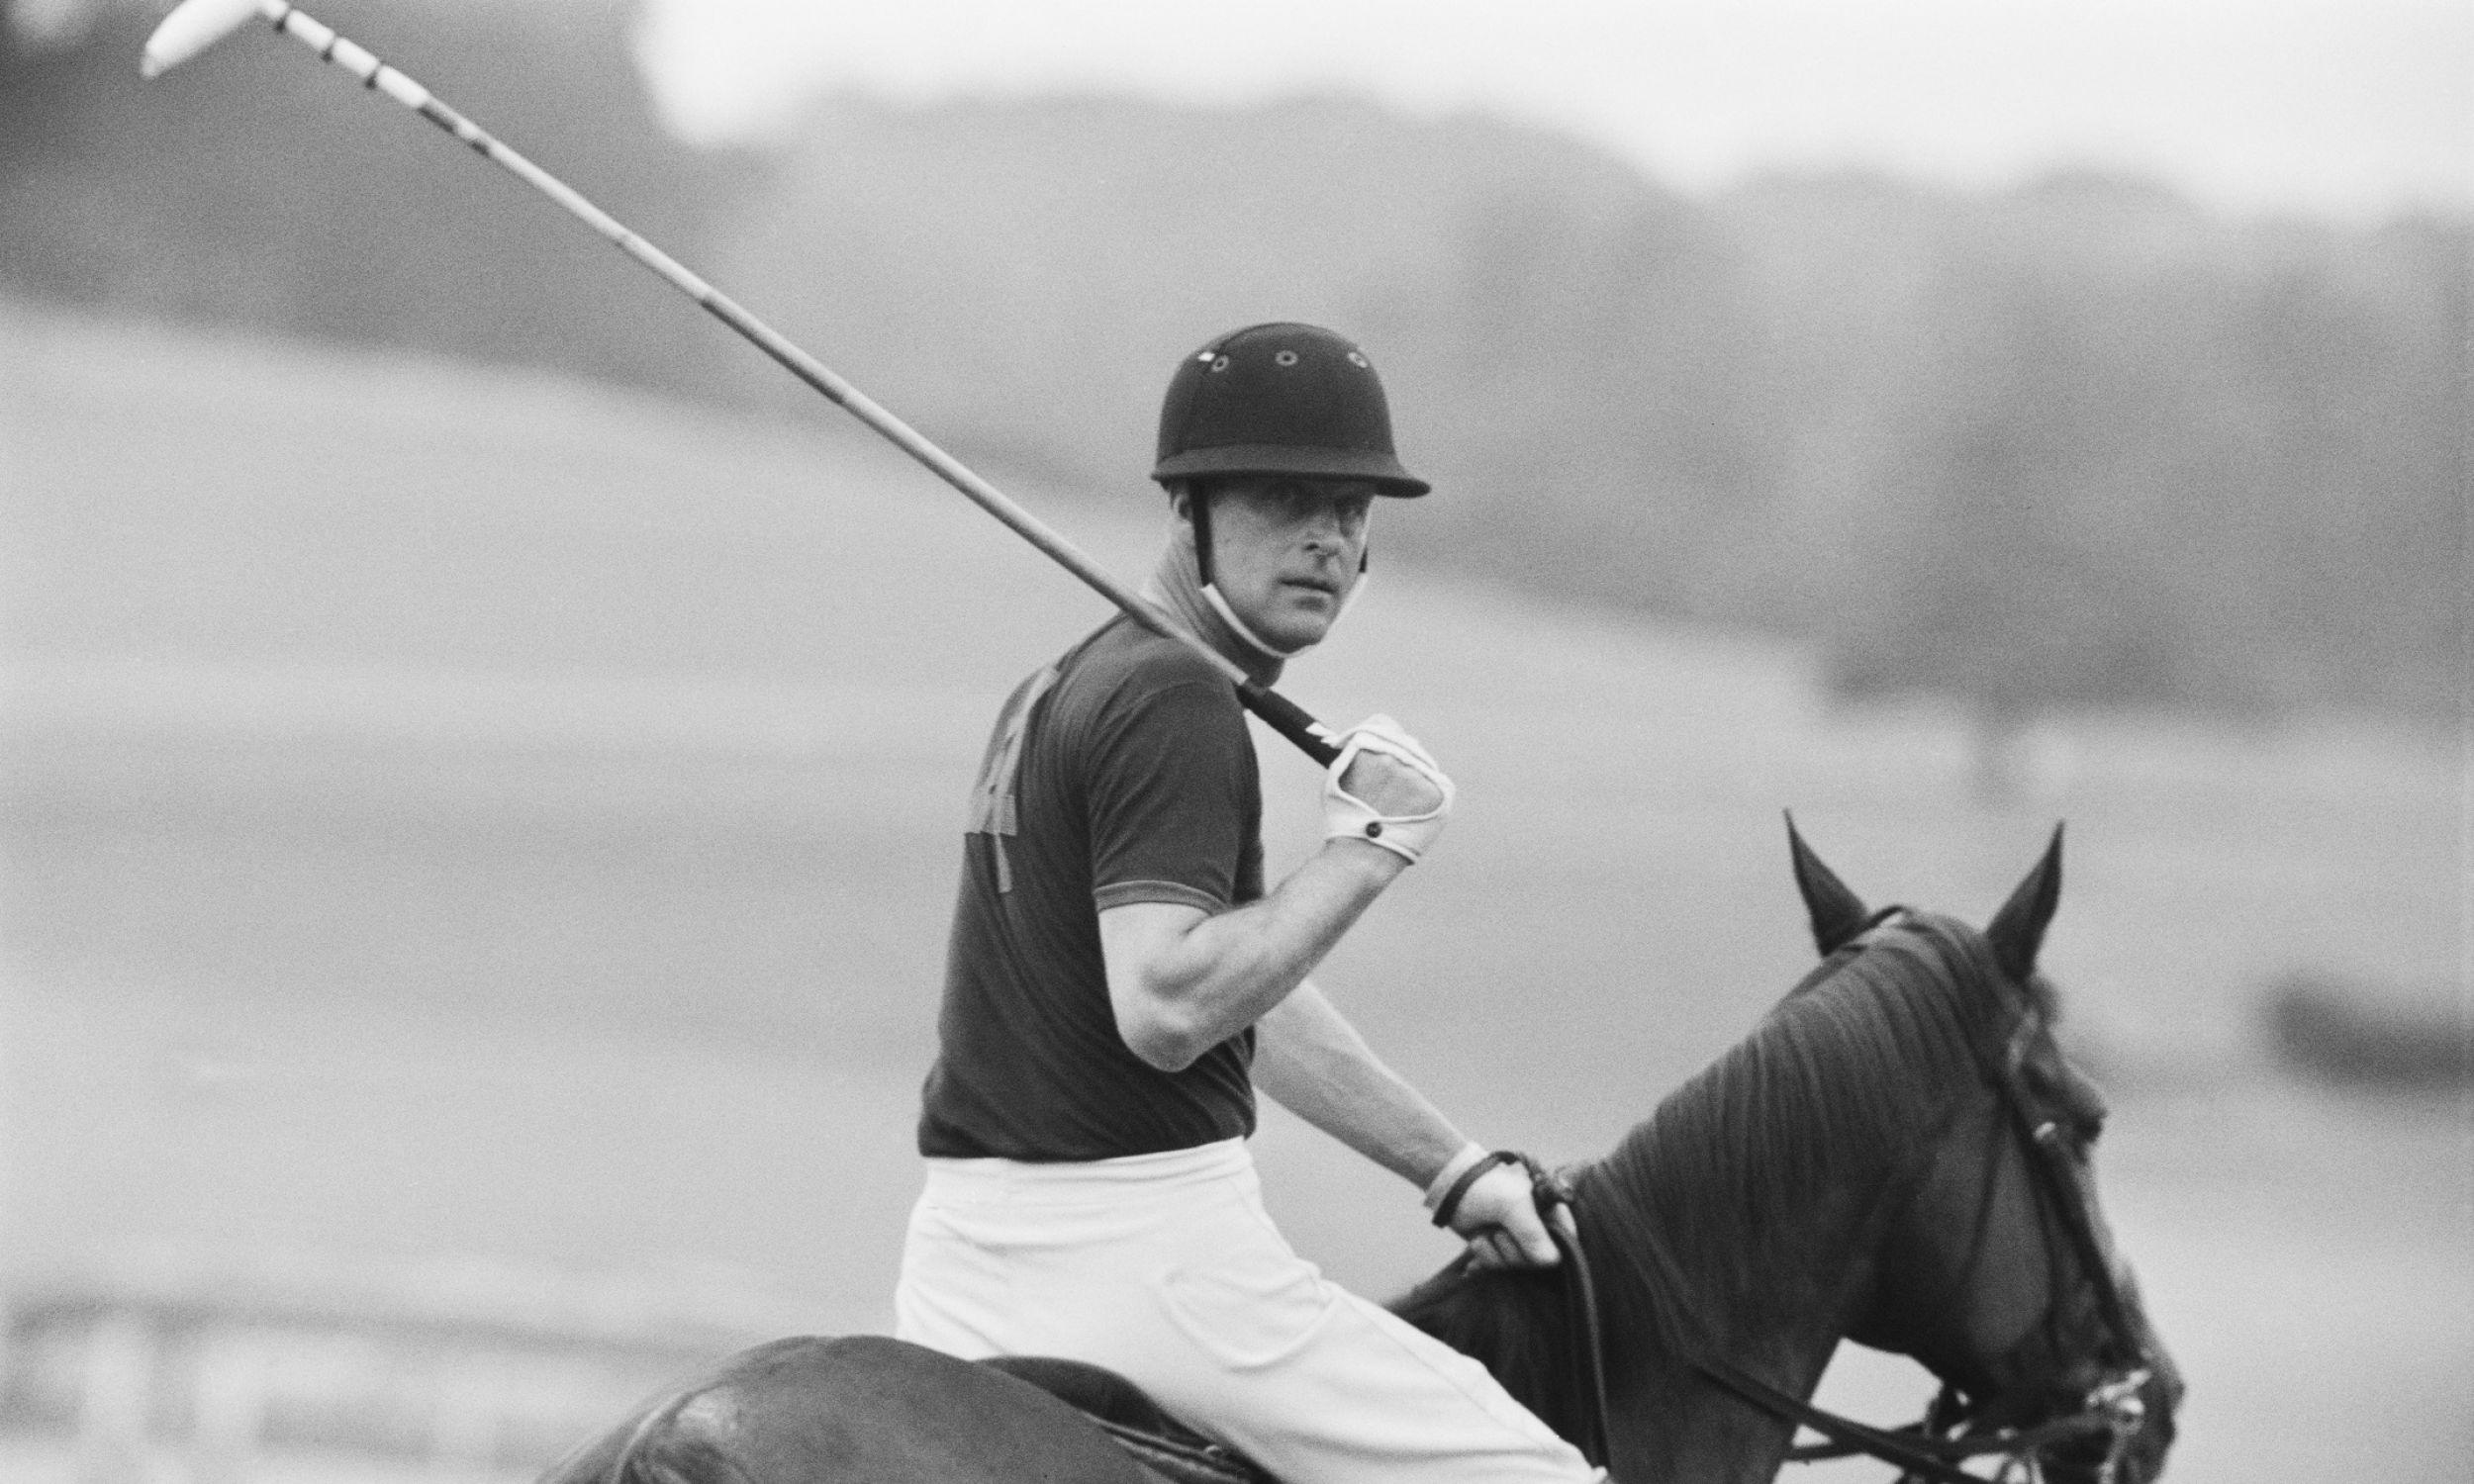 Książę lubił grę w polo (zdjęcie z 1967 roku). Fot. Photo by Daily Express/Getty Images